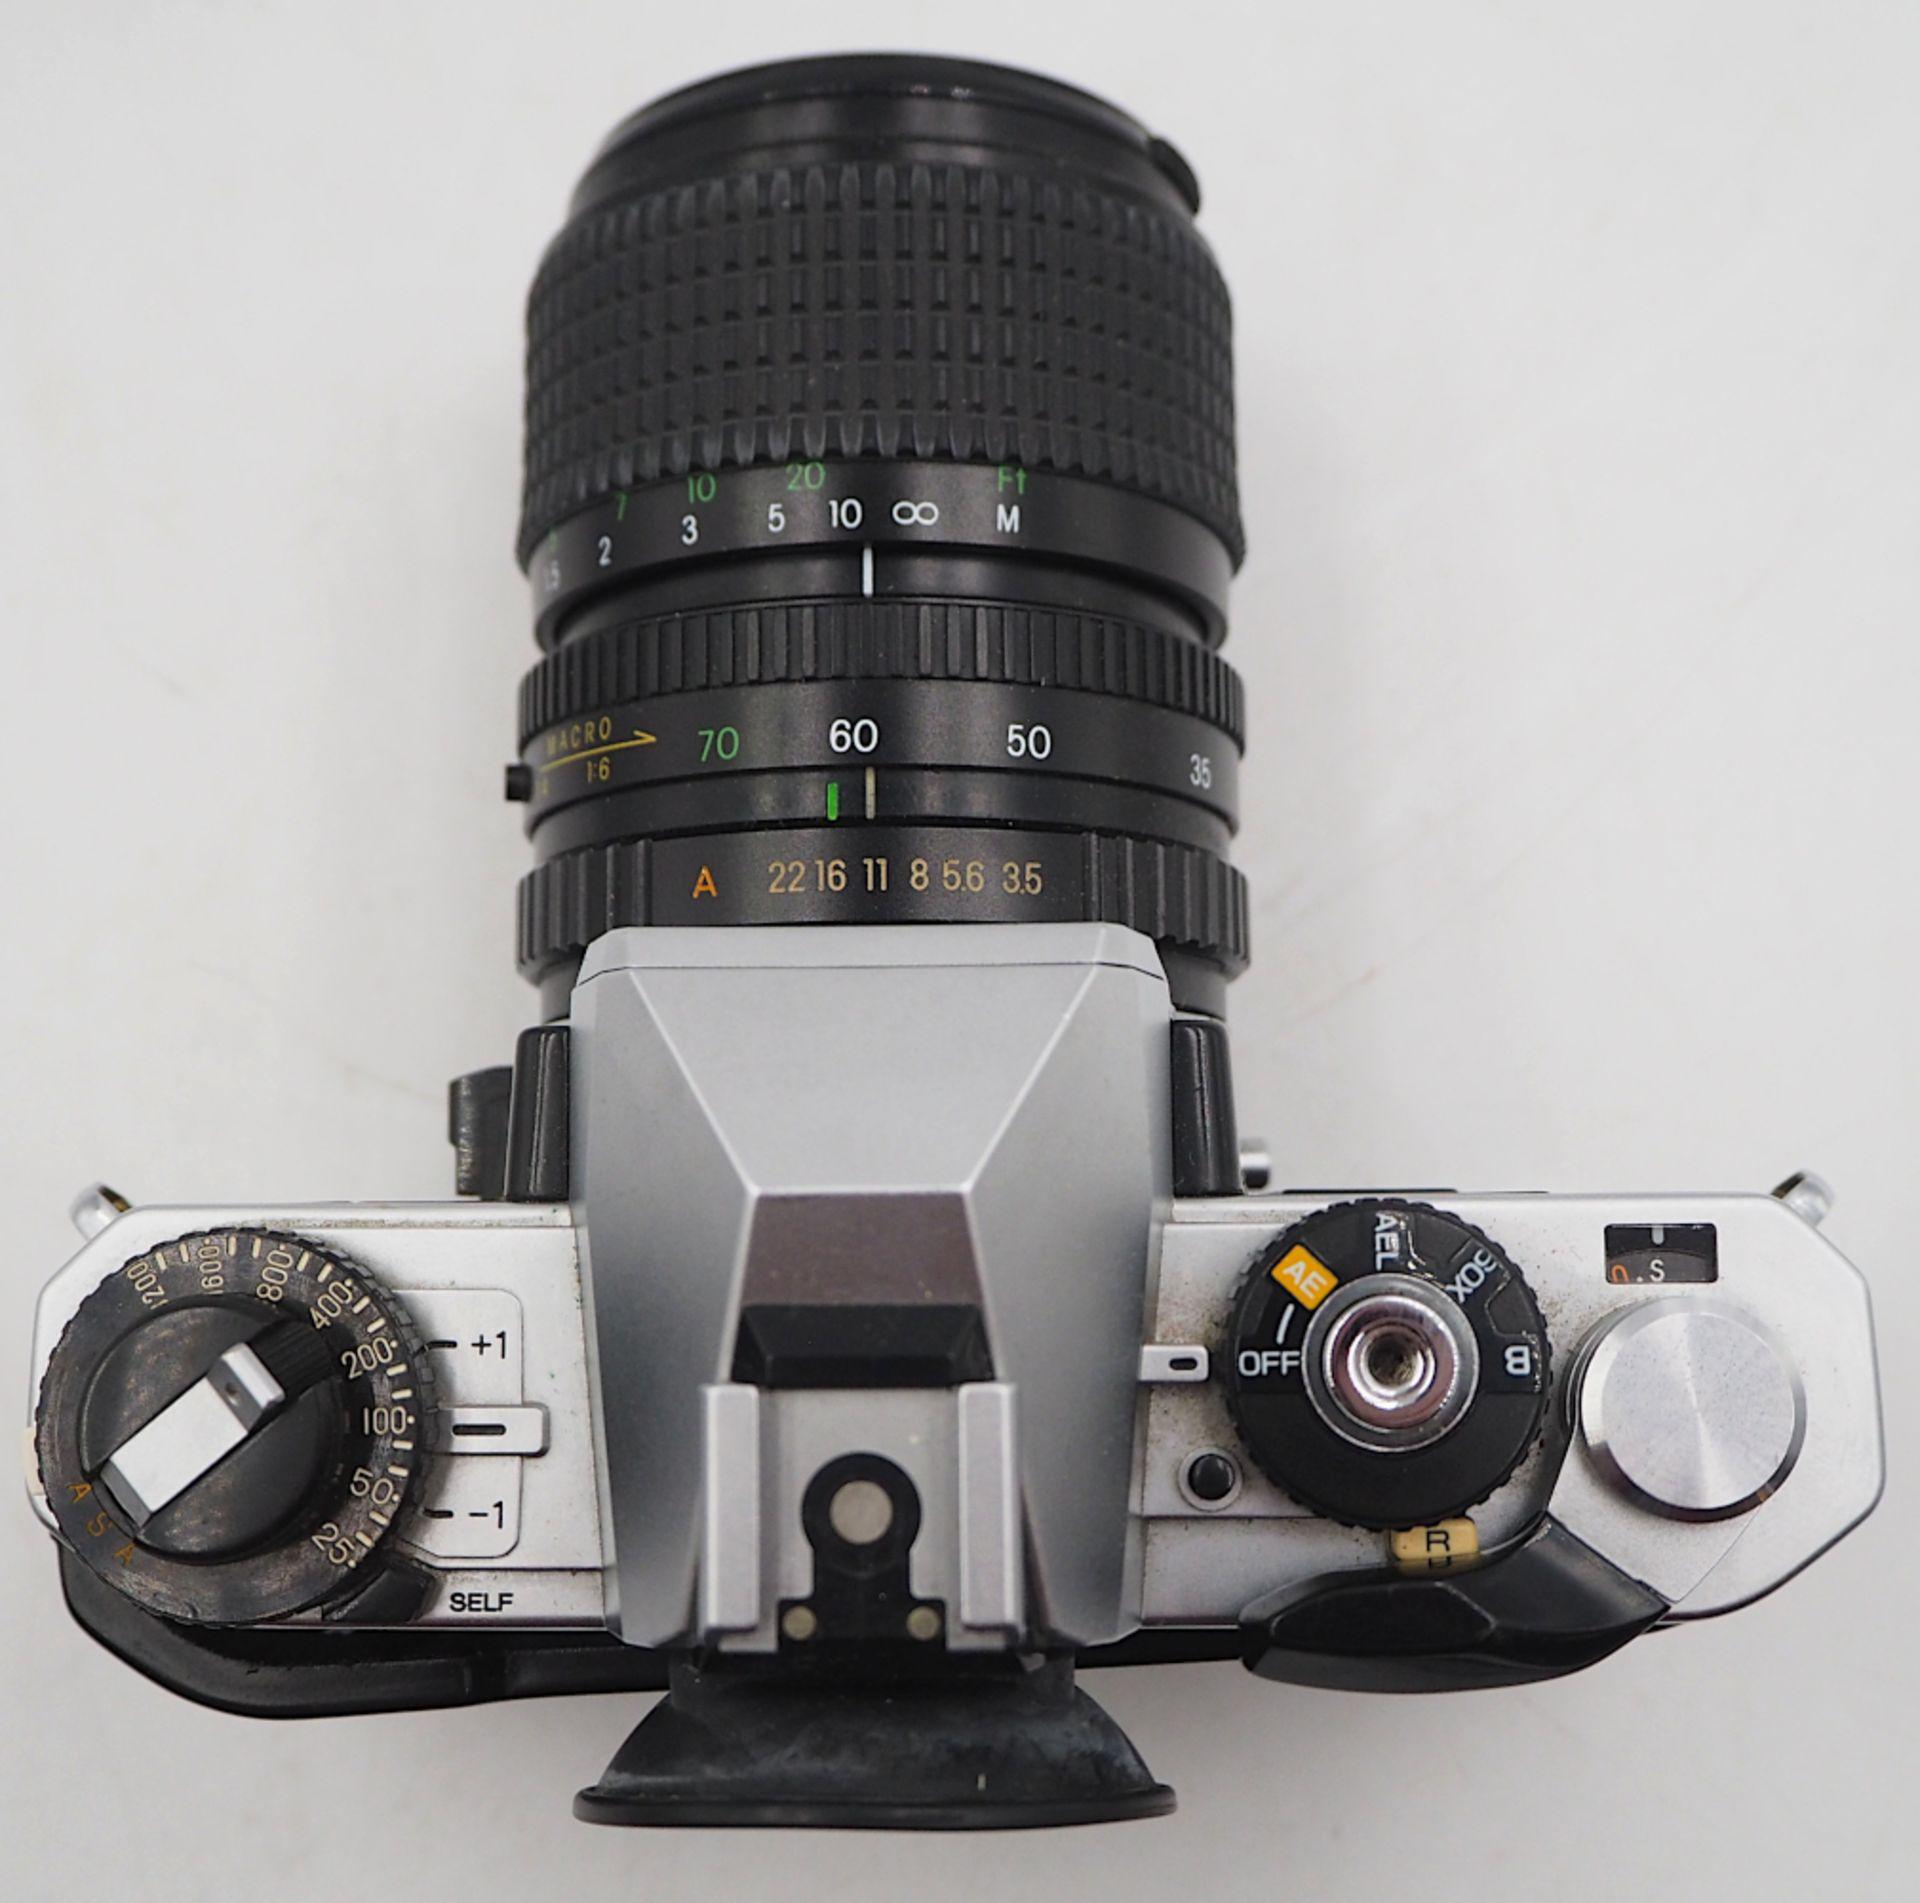 """1 Fotoapparat PORST """"CR-3 Automatic"""" mit Objektiv PORST """"Unizoom 1:3,5-4,5/35-70mm Mac - Bild 4 aus 6"""